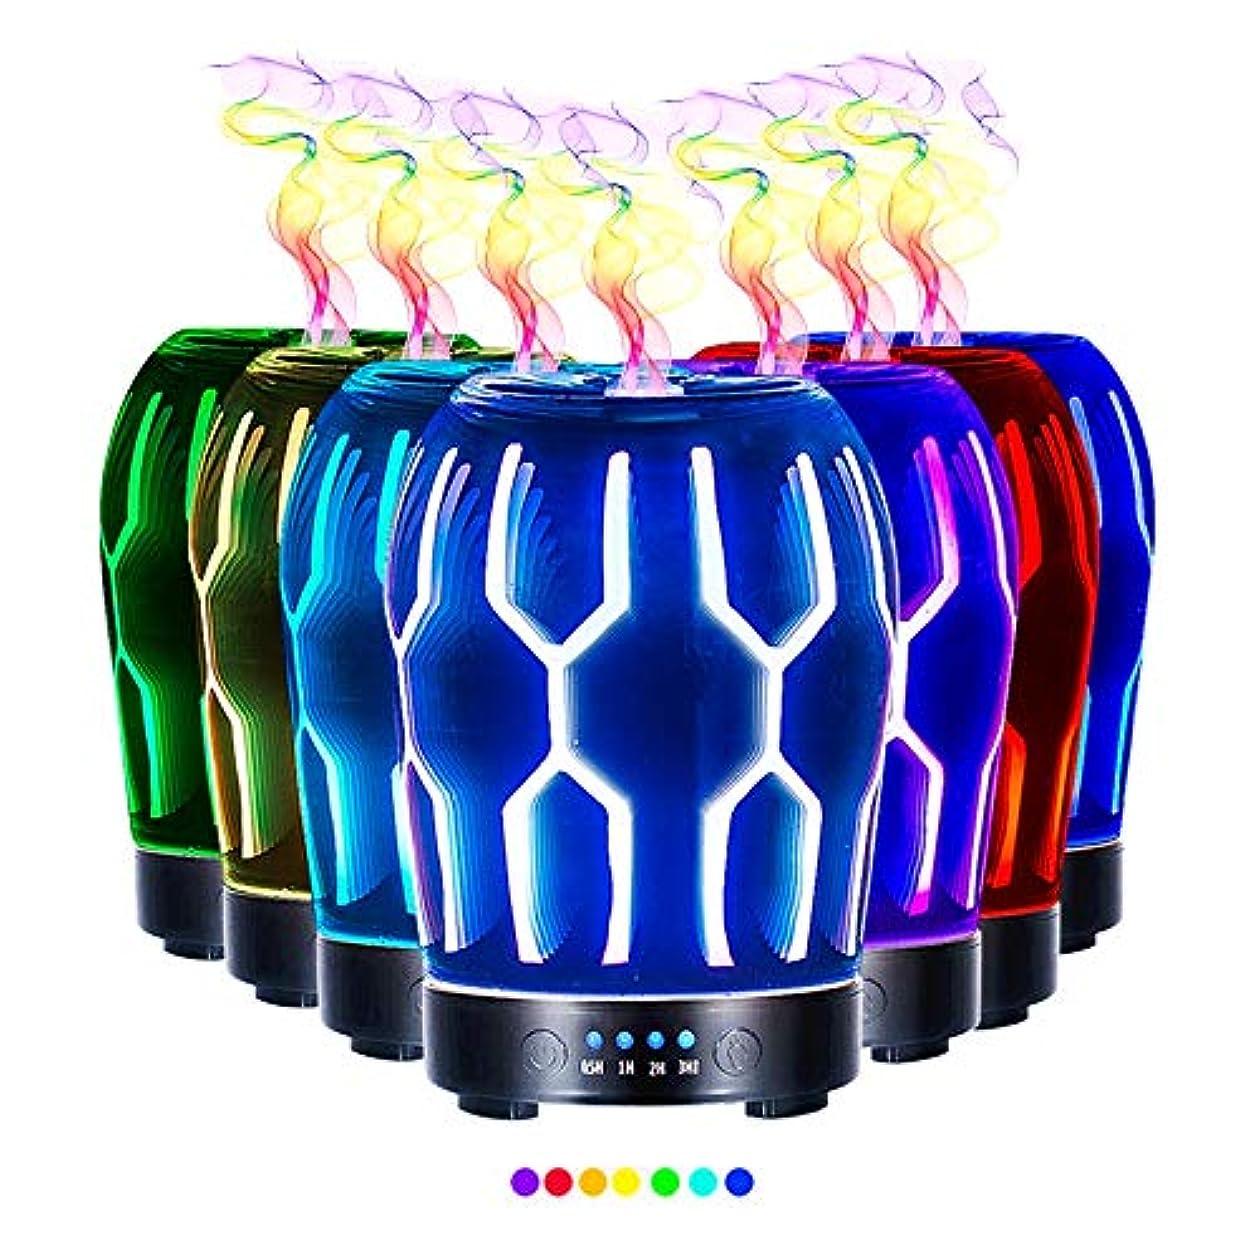 備品肉の退屈させるエッセンシャルオイル用ディフューザー (100ml)-クリエイティブガラスハッカーマトリックスアロマ加湿器7色の変更 LED ライト & 4 タイマー設定、水なしの自動シャットオフ